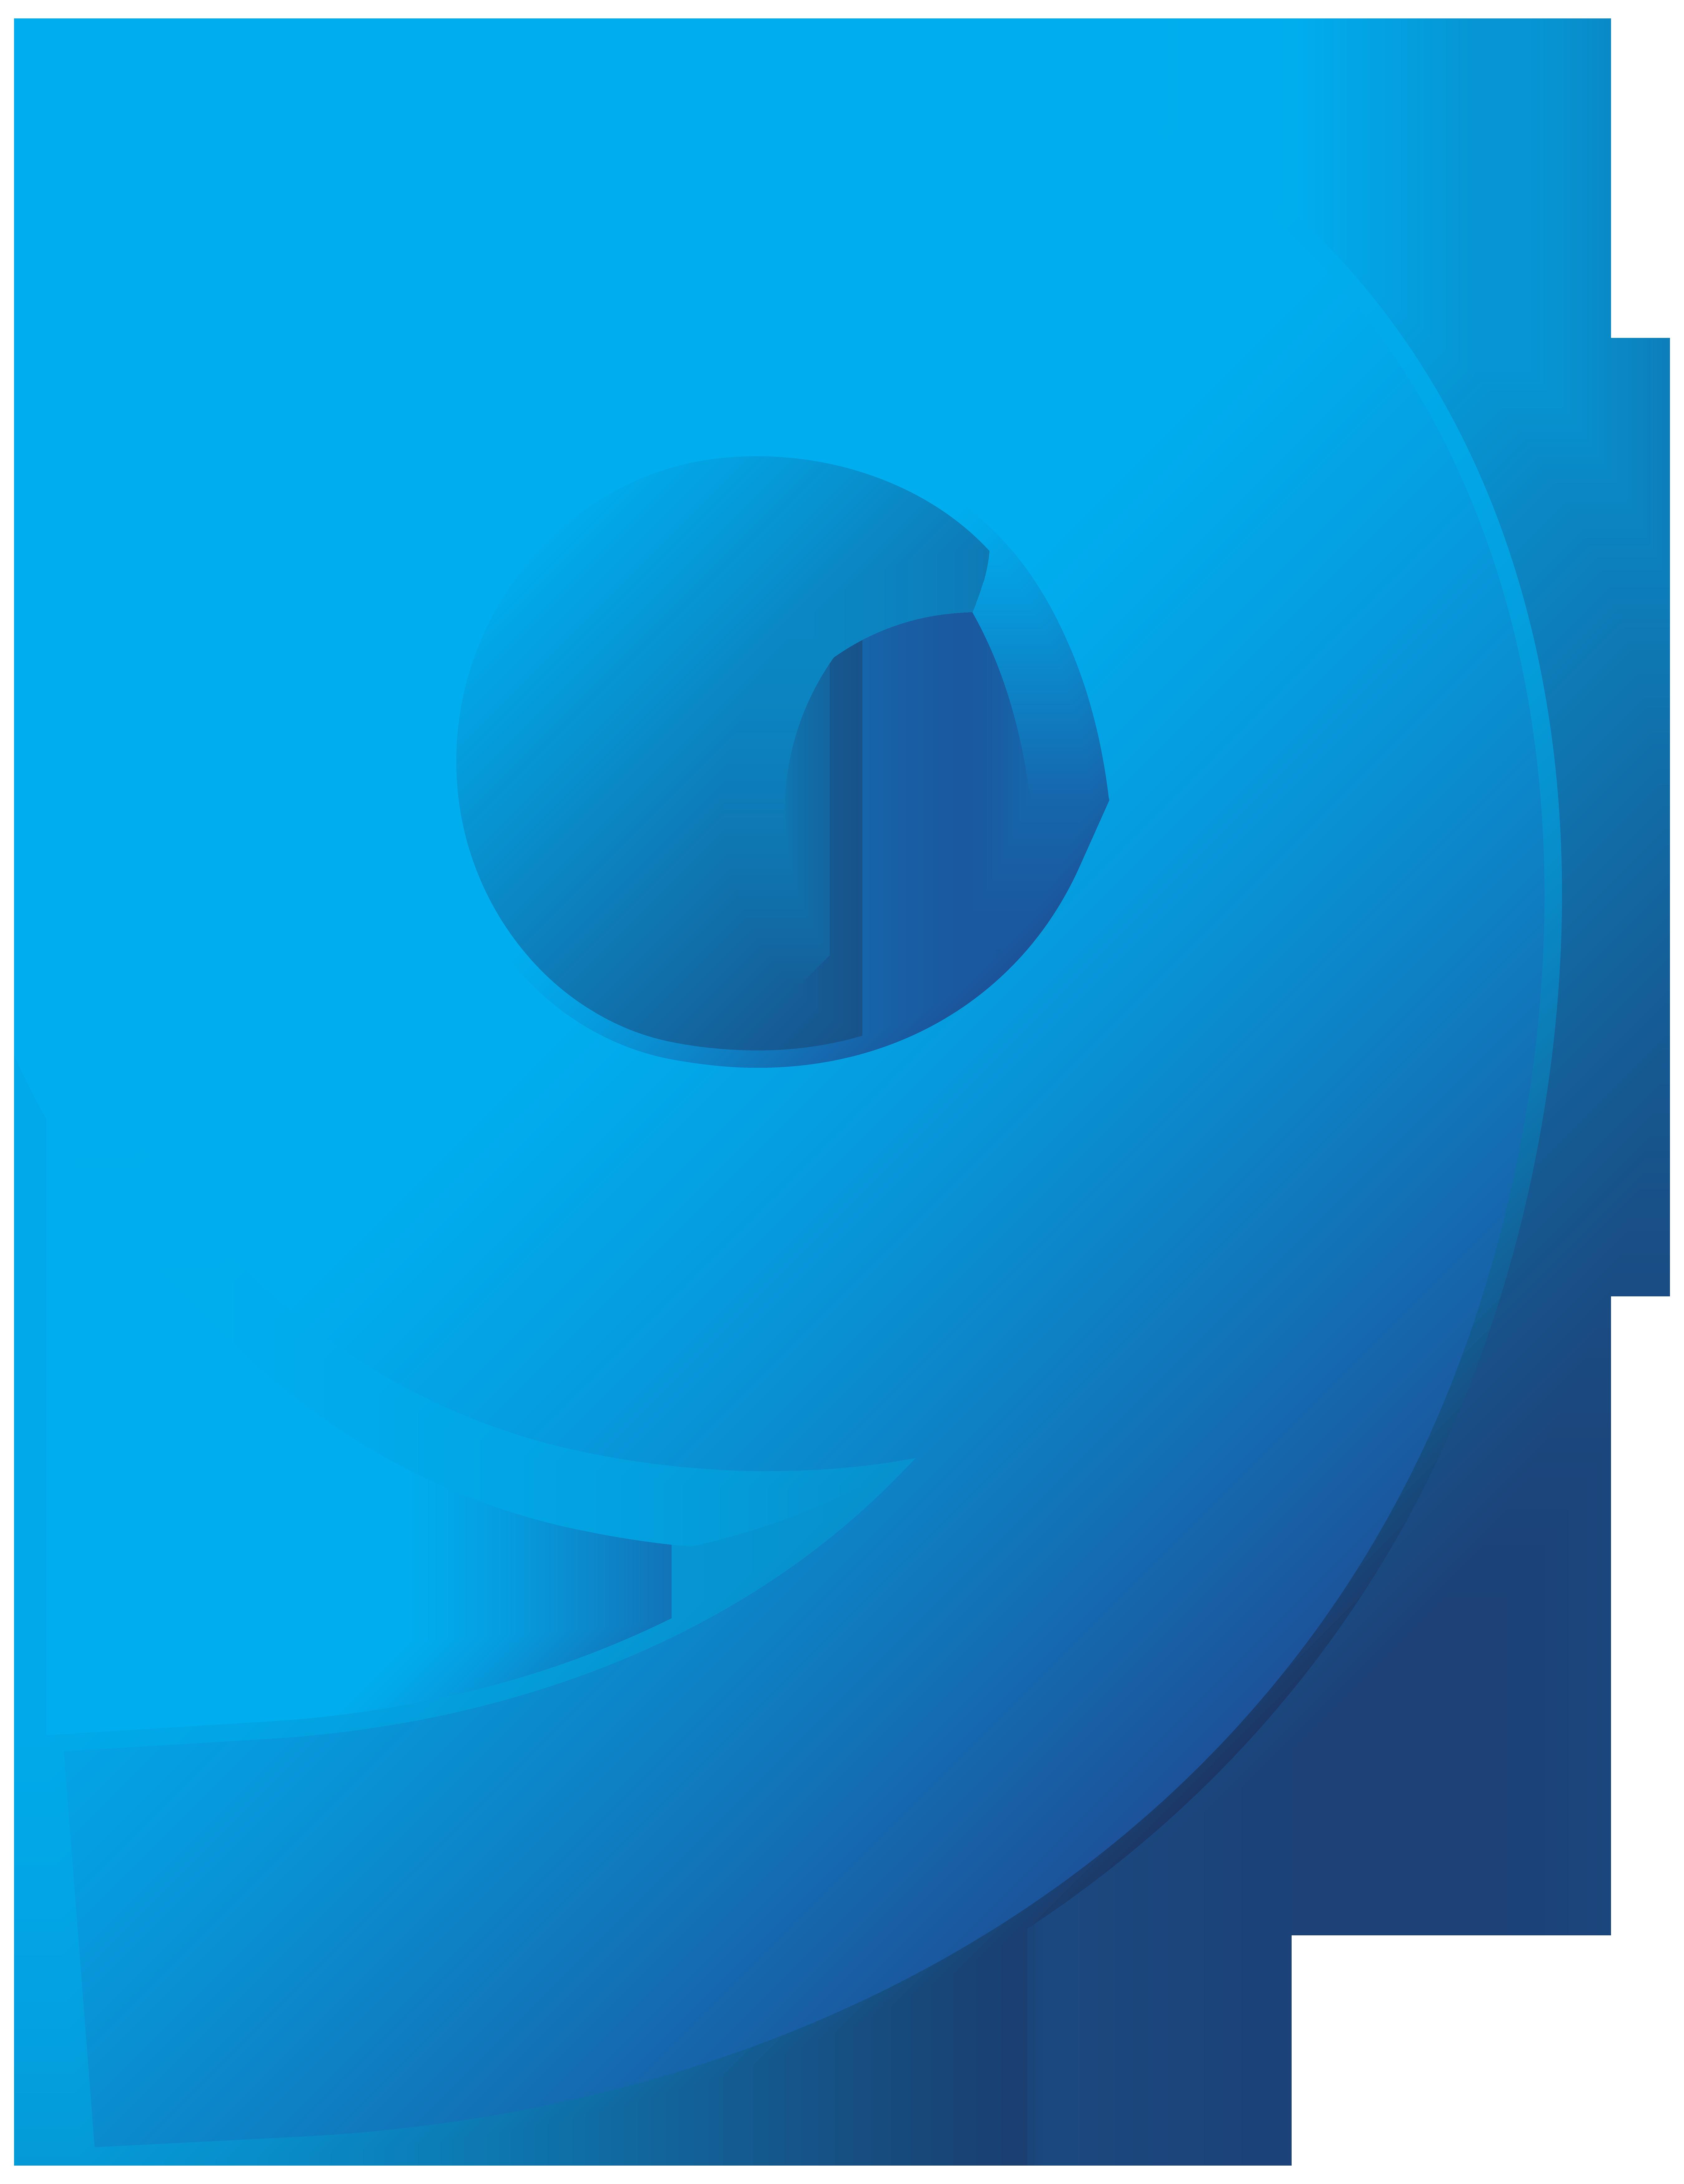 Blue Number Nine Transparent PNG Clip Art Image.